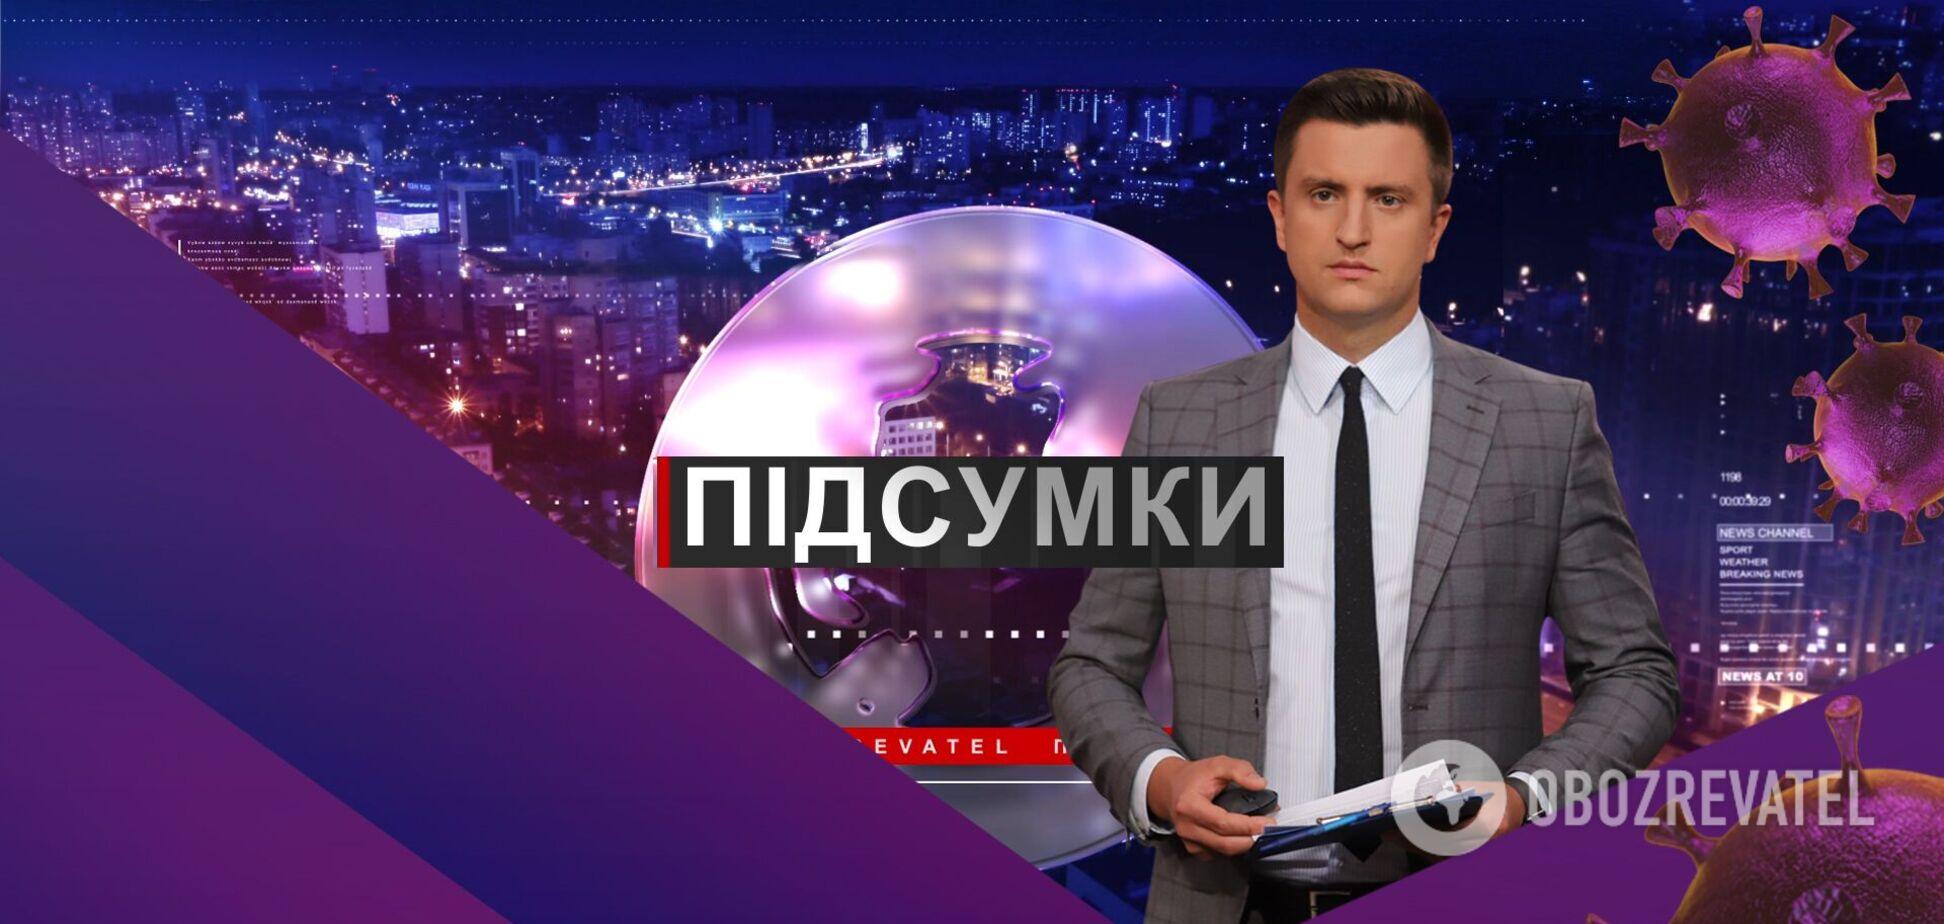 Підсумки дня з Вадимом Колодійчуком. Середа, 13 січня